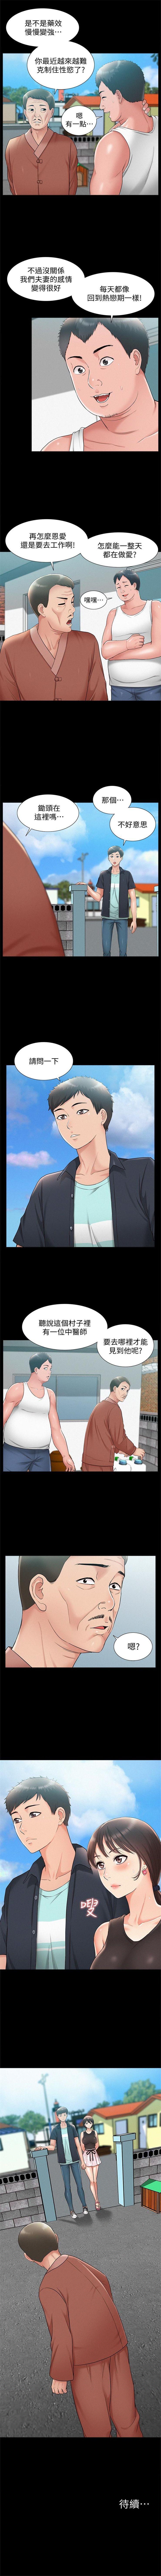 (週4)難言之隱 1-24 中文翻譯(更新中) 91